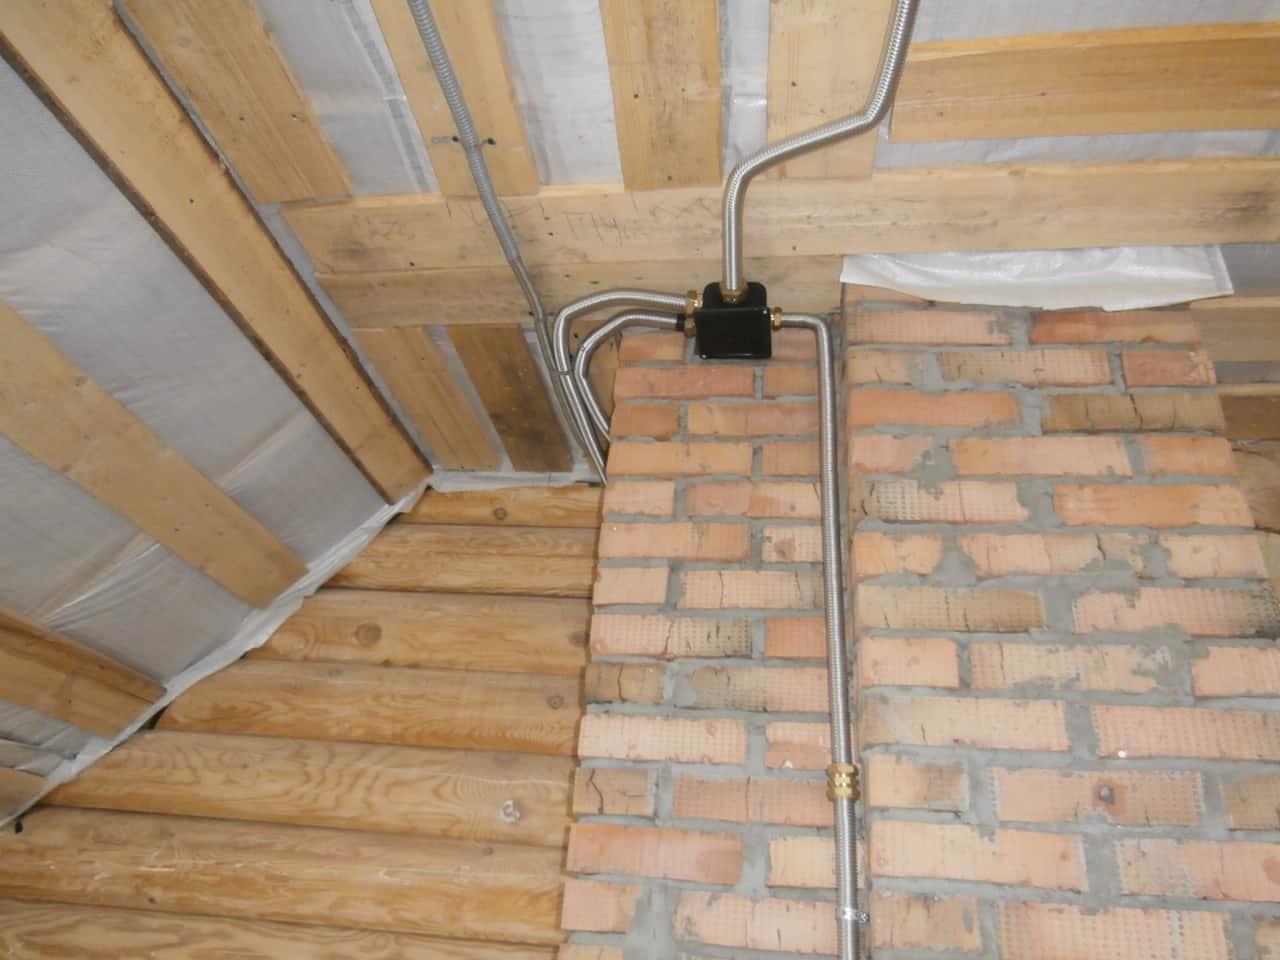 Монтаж электрической проводки в гофре — требования | Как протянуть кабель в гофру с проволокой и без проволоки